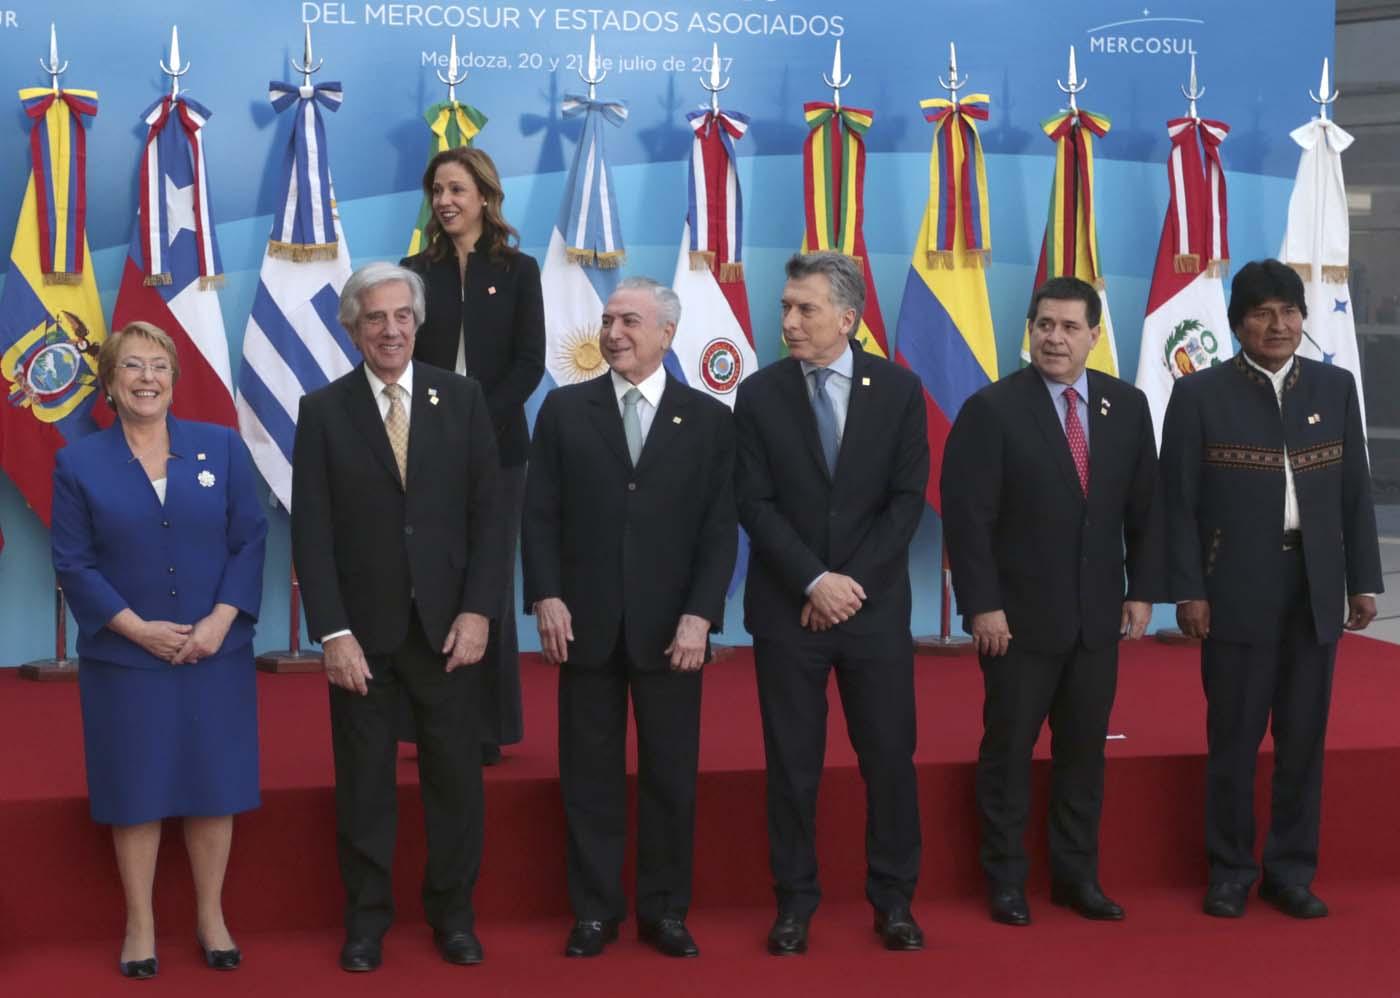 ARG17. MENDOZA (ARGENTINA), 21/07/2017.- De izquierda a derecha: la presidenta de Chile, Michelle Bachelet; el presidente de Uruguay, Tabaré Vázquez; el presidente de Brasil, Michel Temer; el presidente de Argentina, Mauricio Macri; el presidente de Paraguay, Horacio Cartes y el presidente de Bolivia, Evo Morales, participan en la cumbre semestral de jefes de Estado del Mercado Común del Sur (Mercosur) hoy, viernes 21 de julio de 2017, en Mendoza (Argentina). La Organización de Naciones Unidas para la Alimentación y la Agricultura (FAO) y el Mercado Común del Sur (Mercosur) acordaron hoy impulsar acciones para erradicar el hambre, la malnutrición y la pobreza rural, y proteger al sector agrícola en los países del bloque suramericano. EFE/Alberto Ortiz